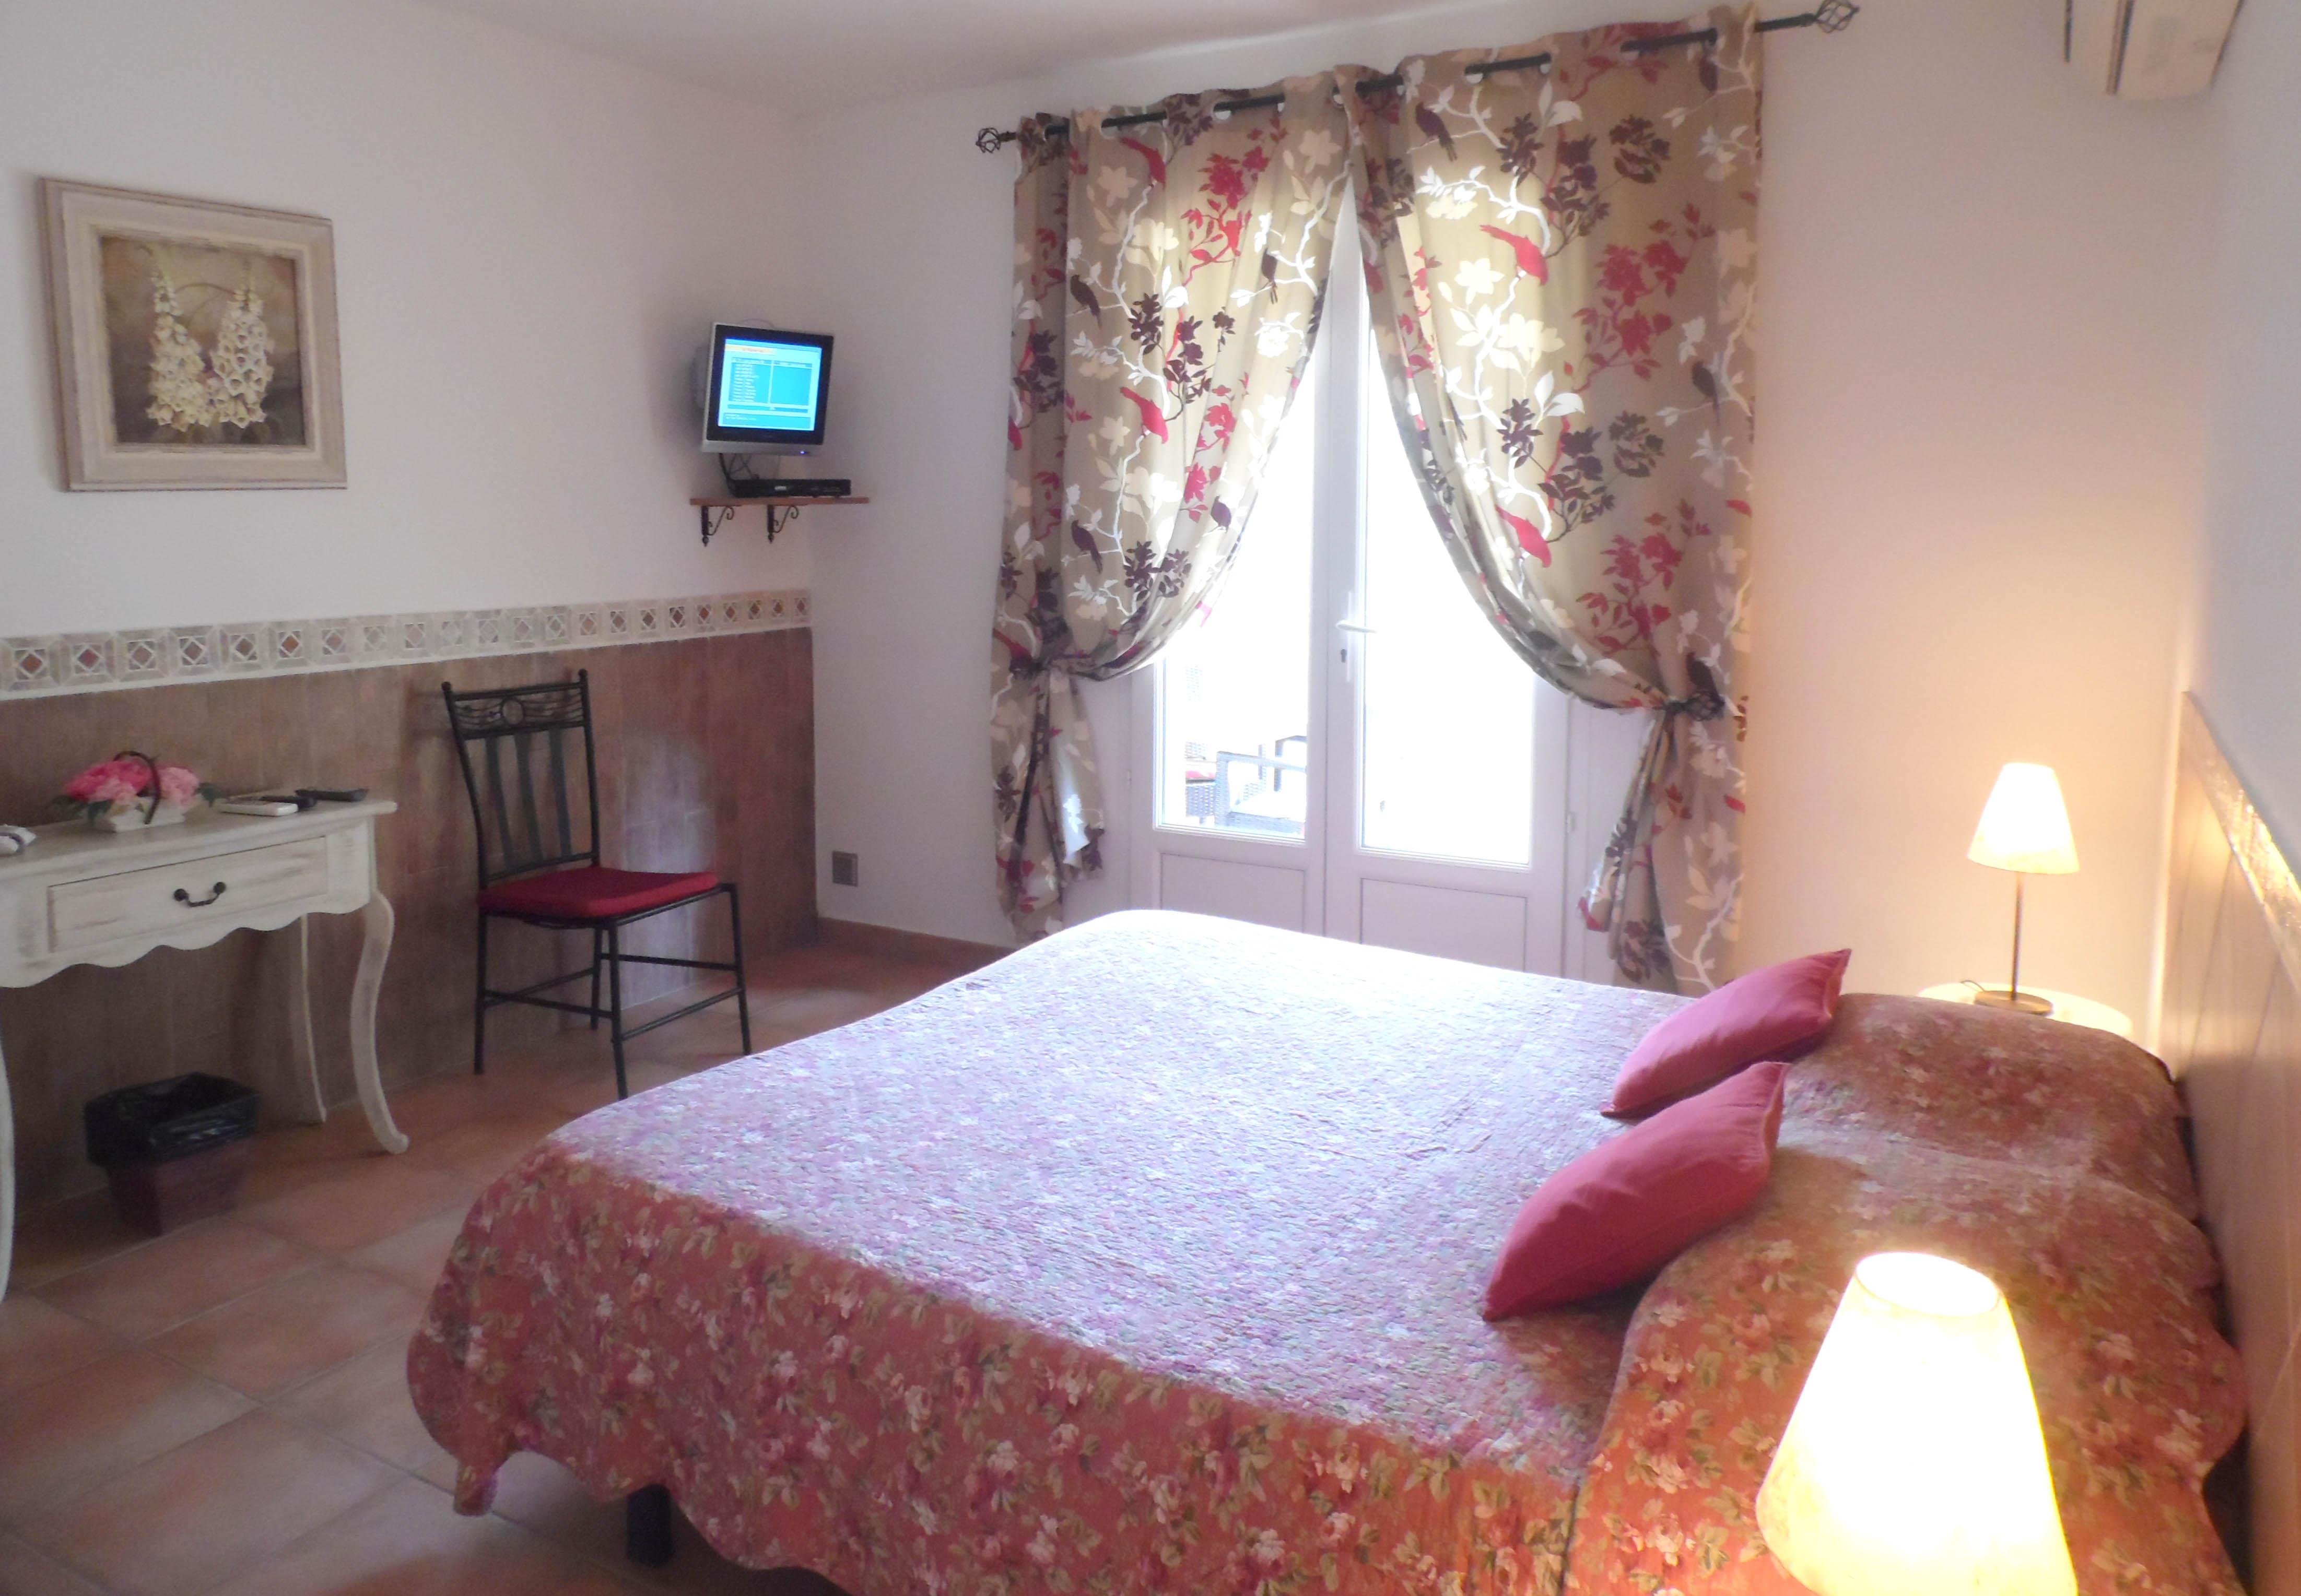 Rocca rossa hospedagem domiciliar for Corse chambre hote